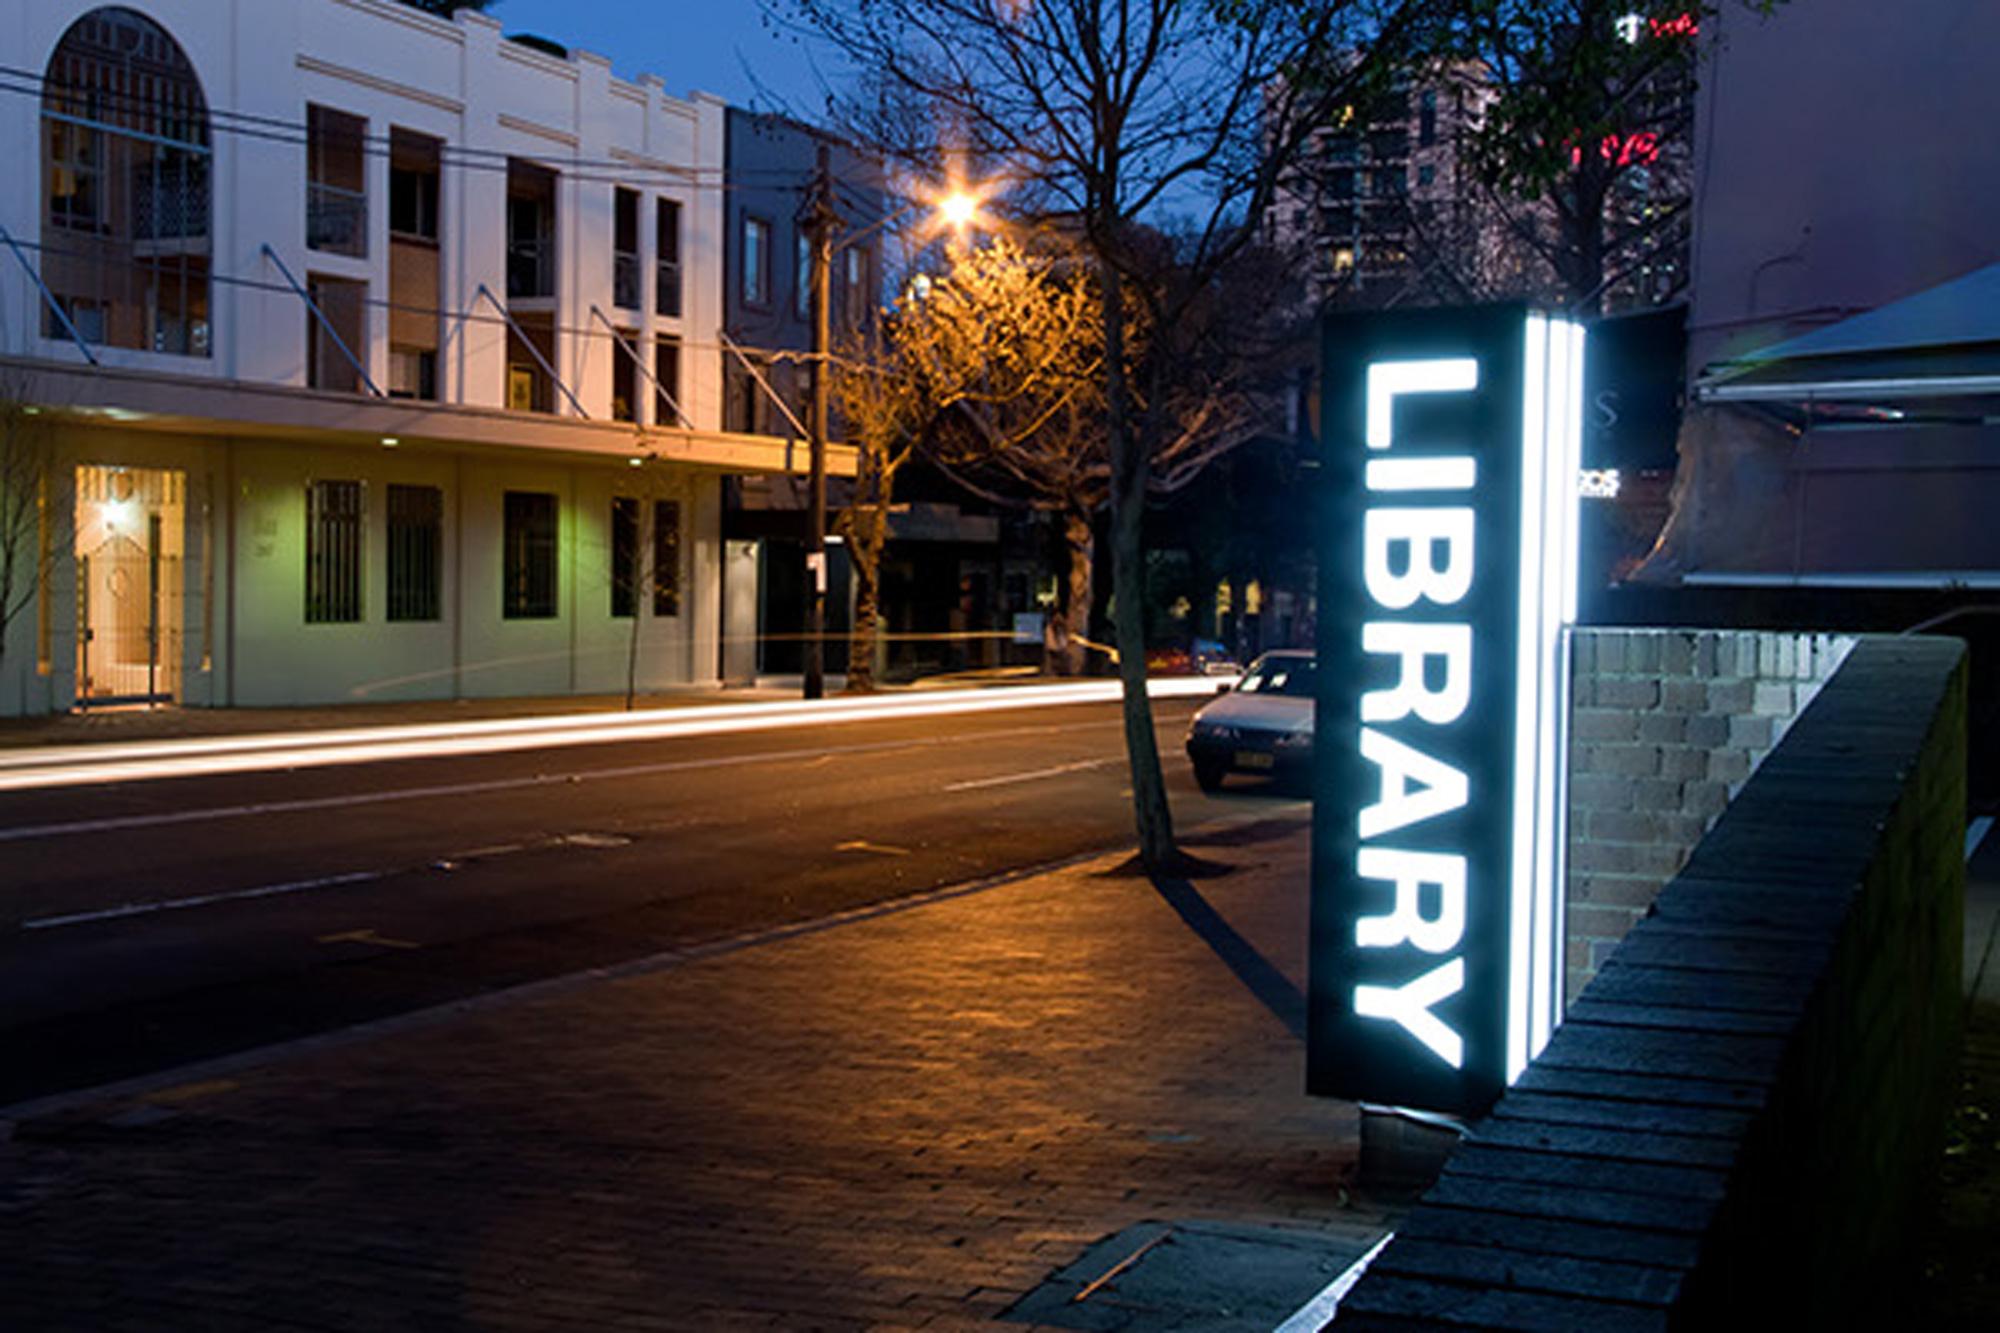 Stanton Library - Illuminated Sign